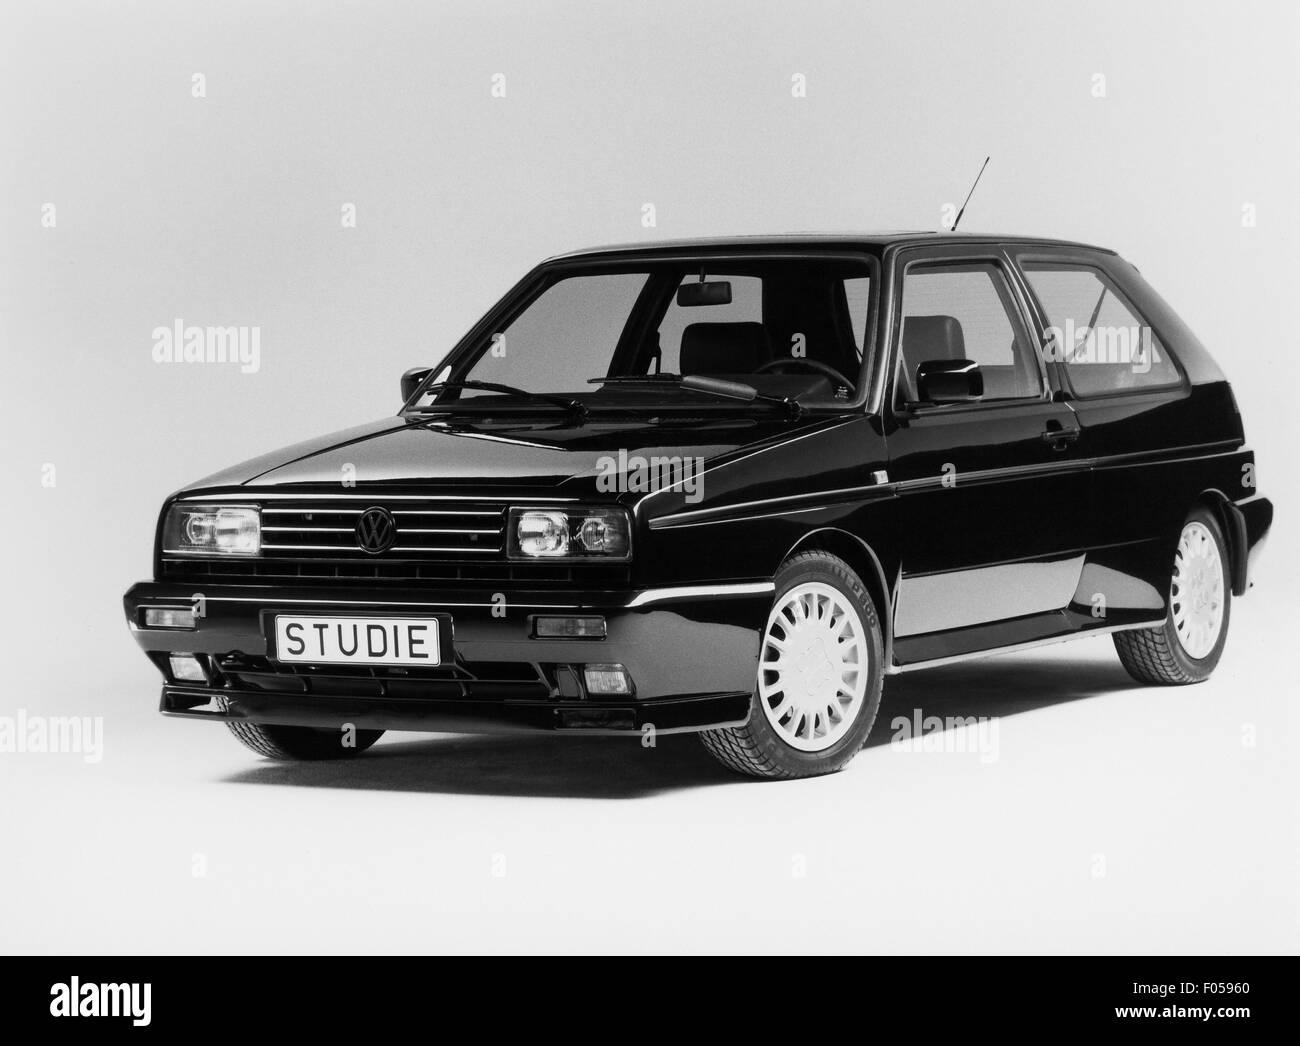 Verkehr/Transport, Auto, Fahrzeug Varianten, Volkswagen, VW Golf Konzeptfahrzeug, 1980er Jahre, Additional-Rights Stockbild